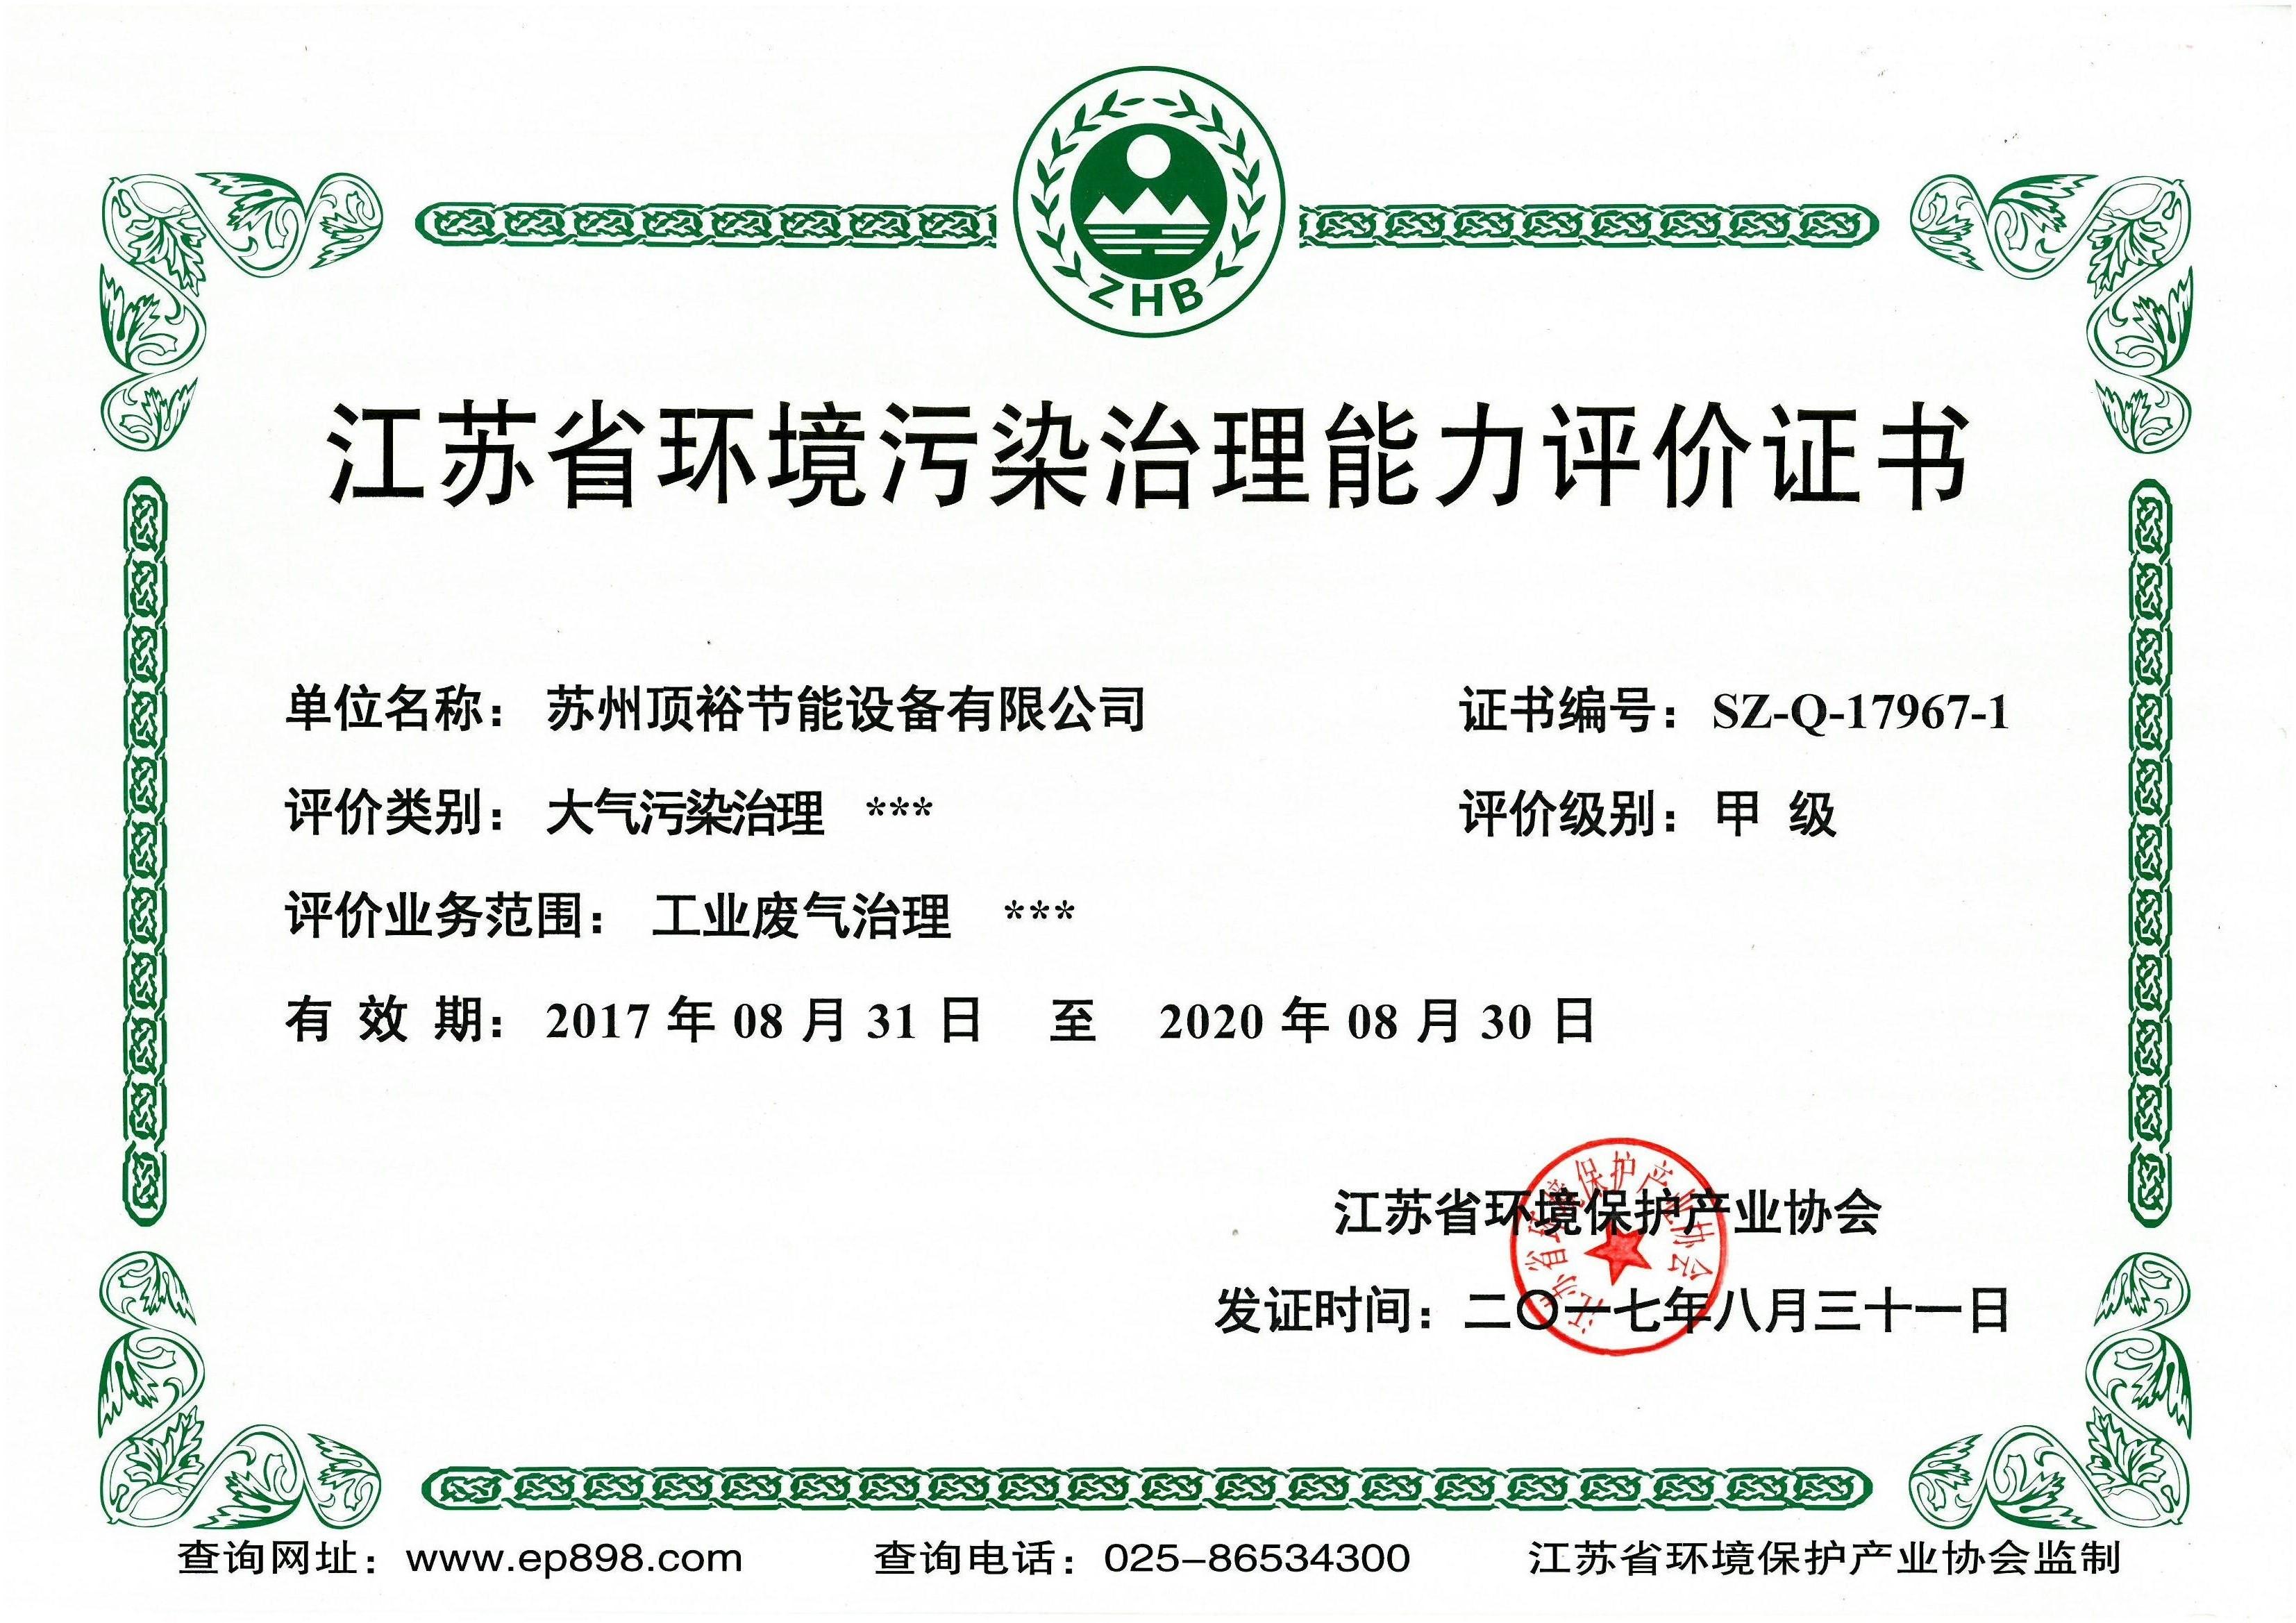 江苏省环境污染治理能力评价-大气污染治理甲级证书